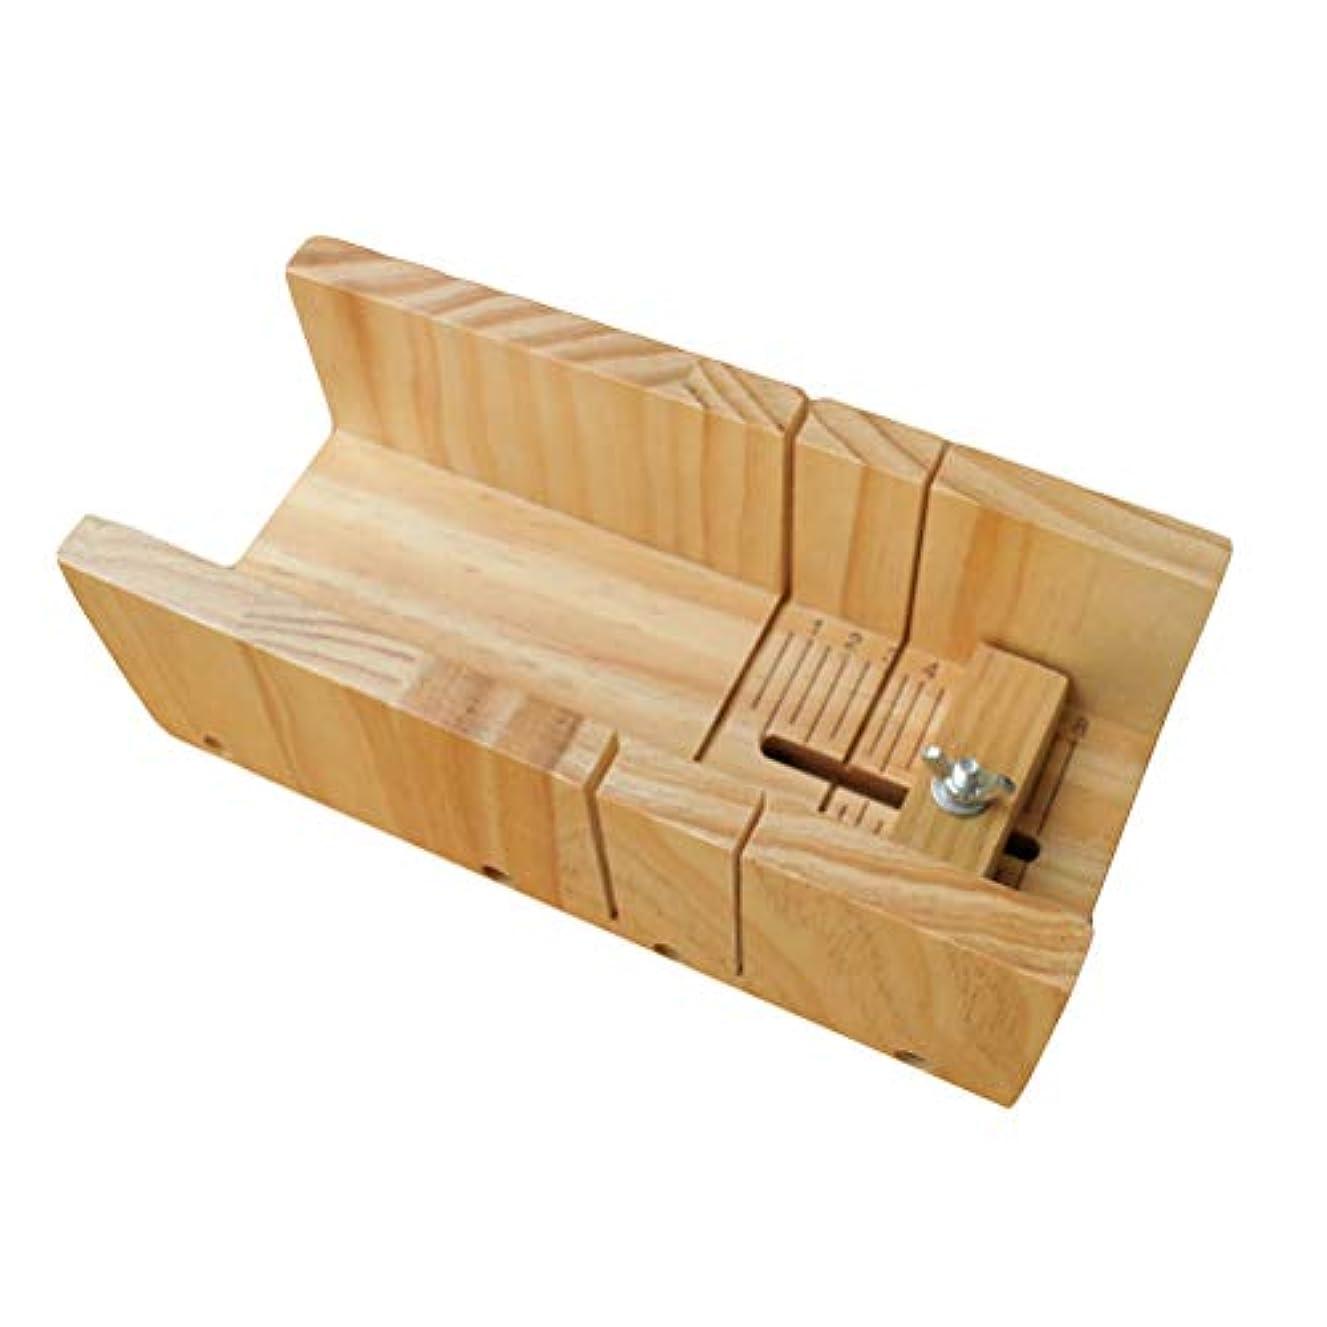 趣味ガレージ頼むSUPVOX ウッドソープローフカッター金型調整可能カッター金型ボックスソープ作りツール(ウッドカラー)